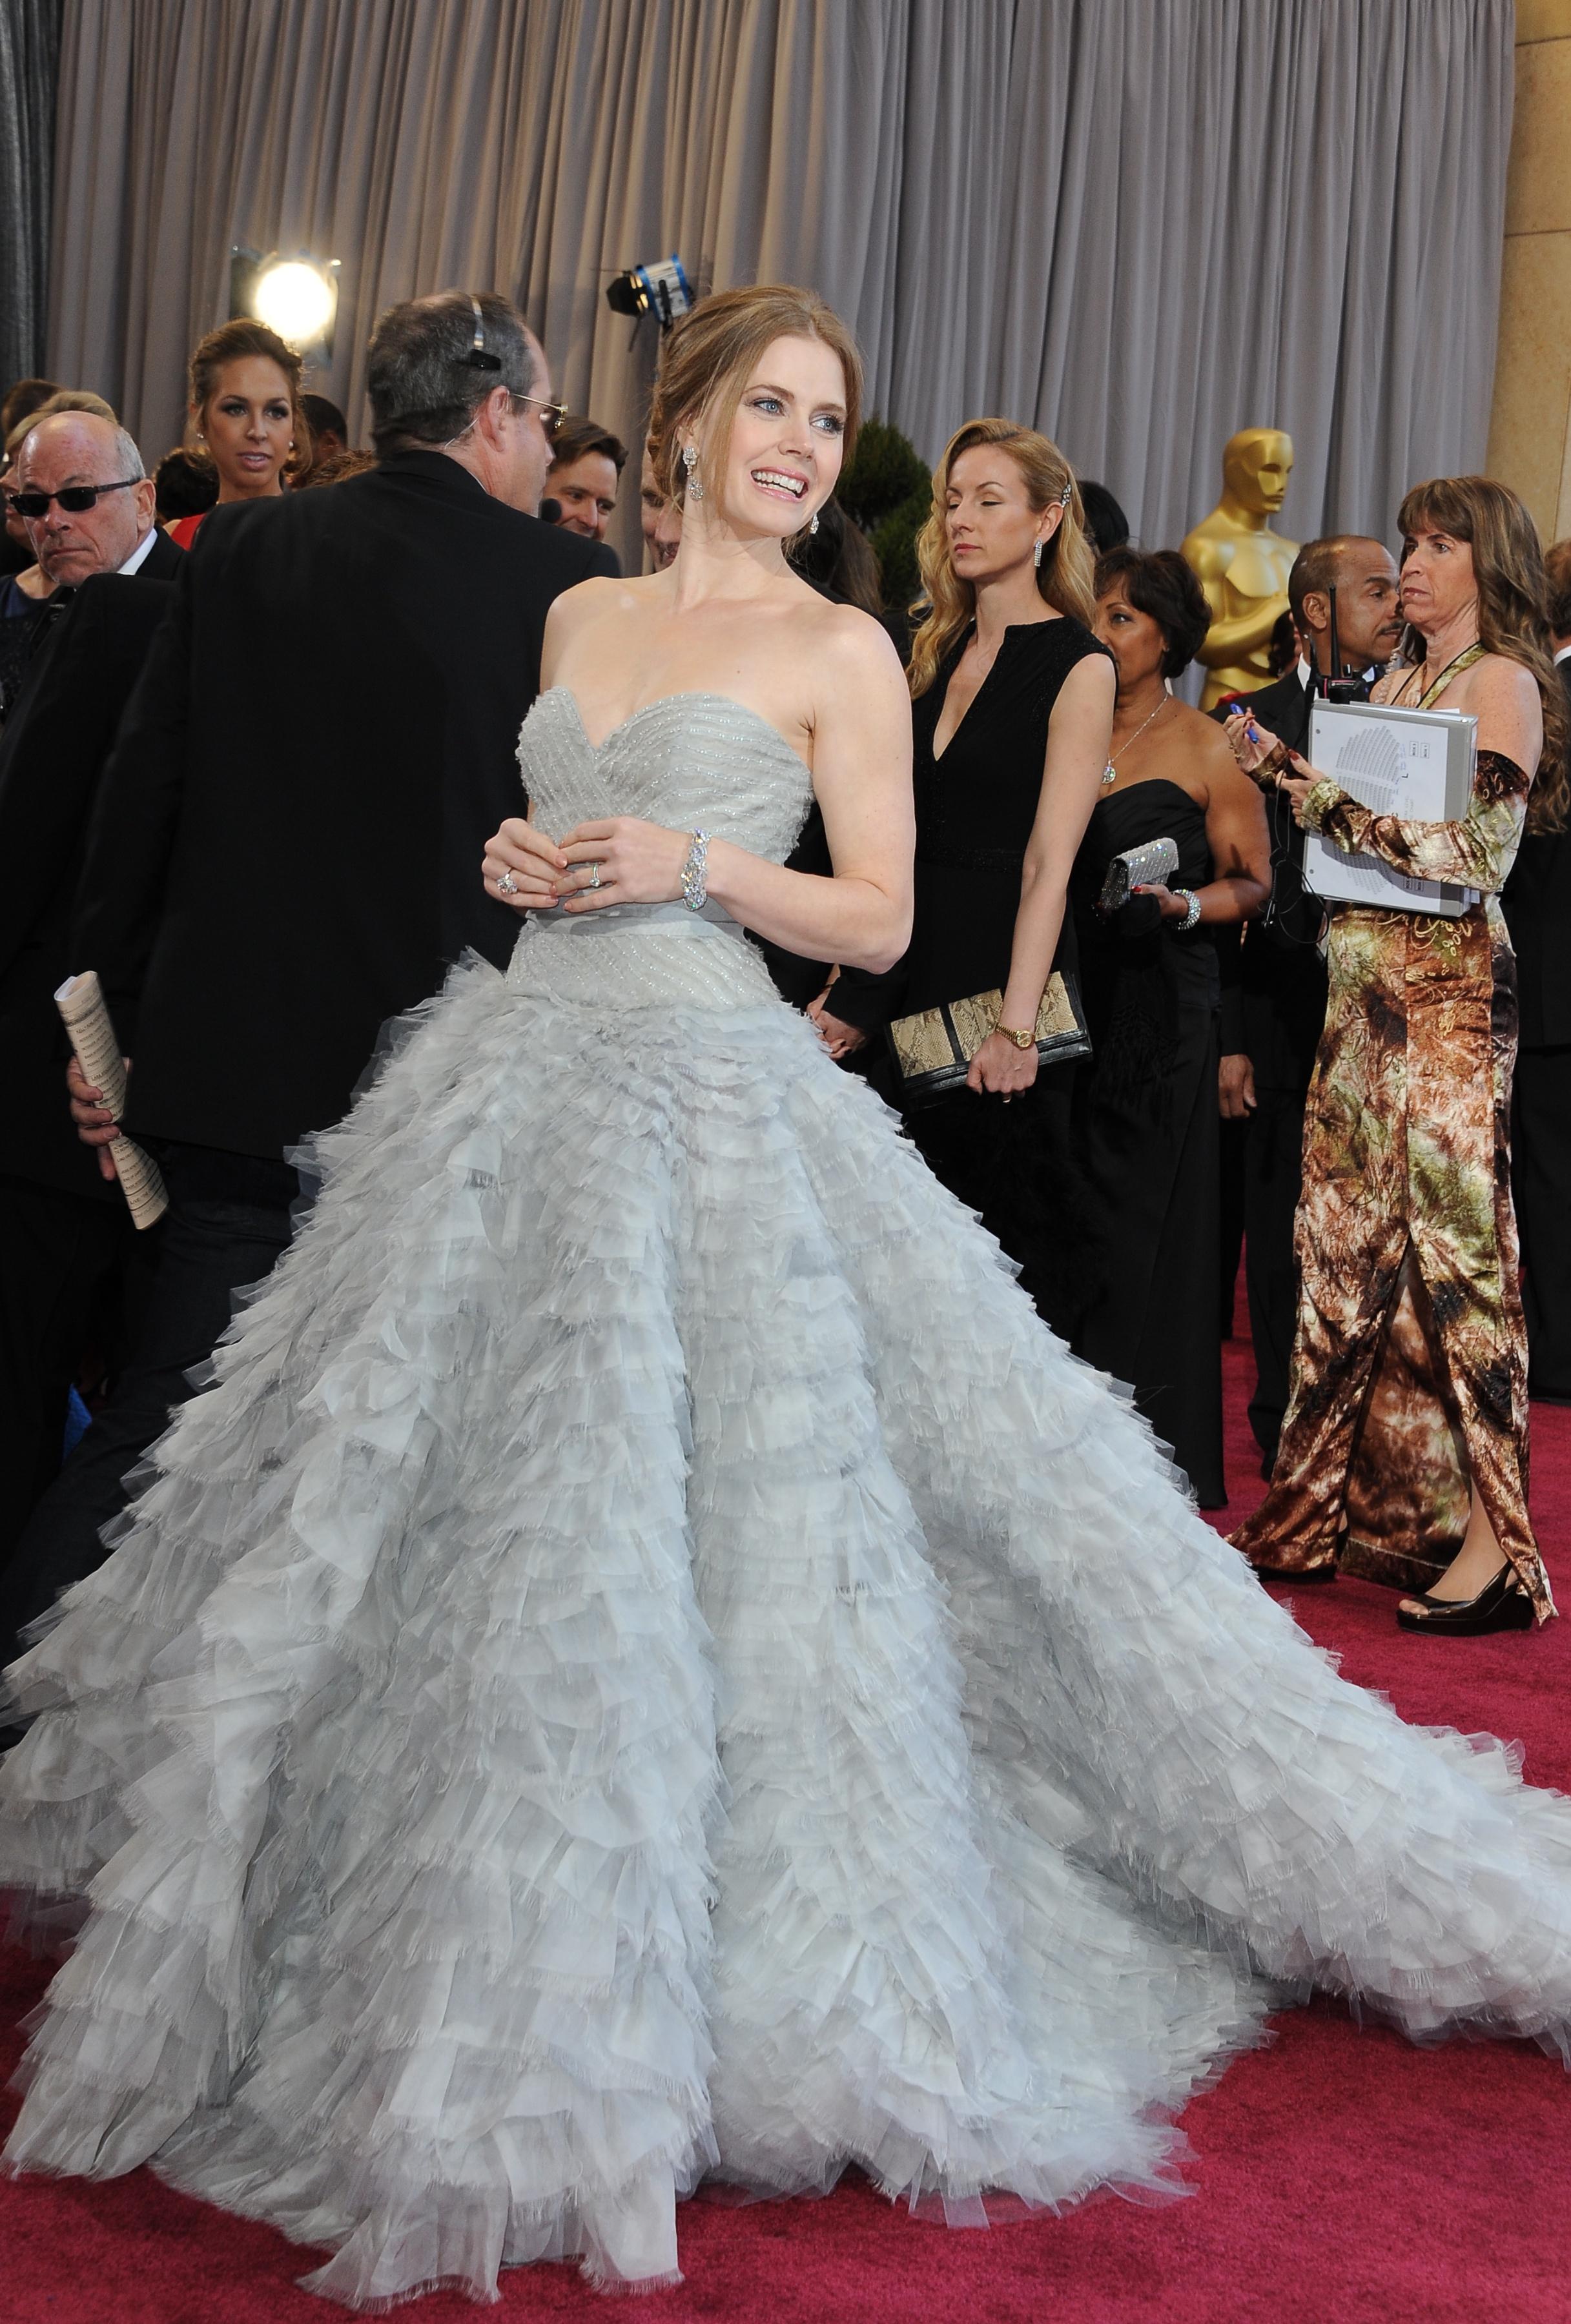 Enchanting Anne Hathaway Wedding Gown Adornment - Womens Wedding ...